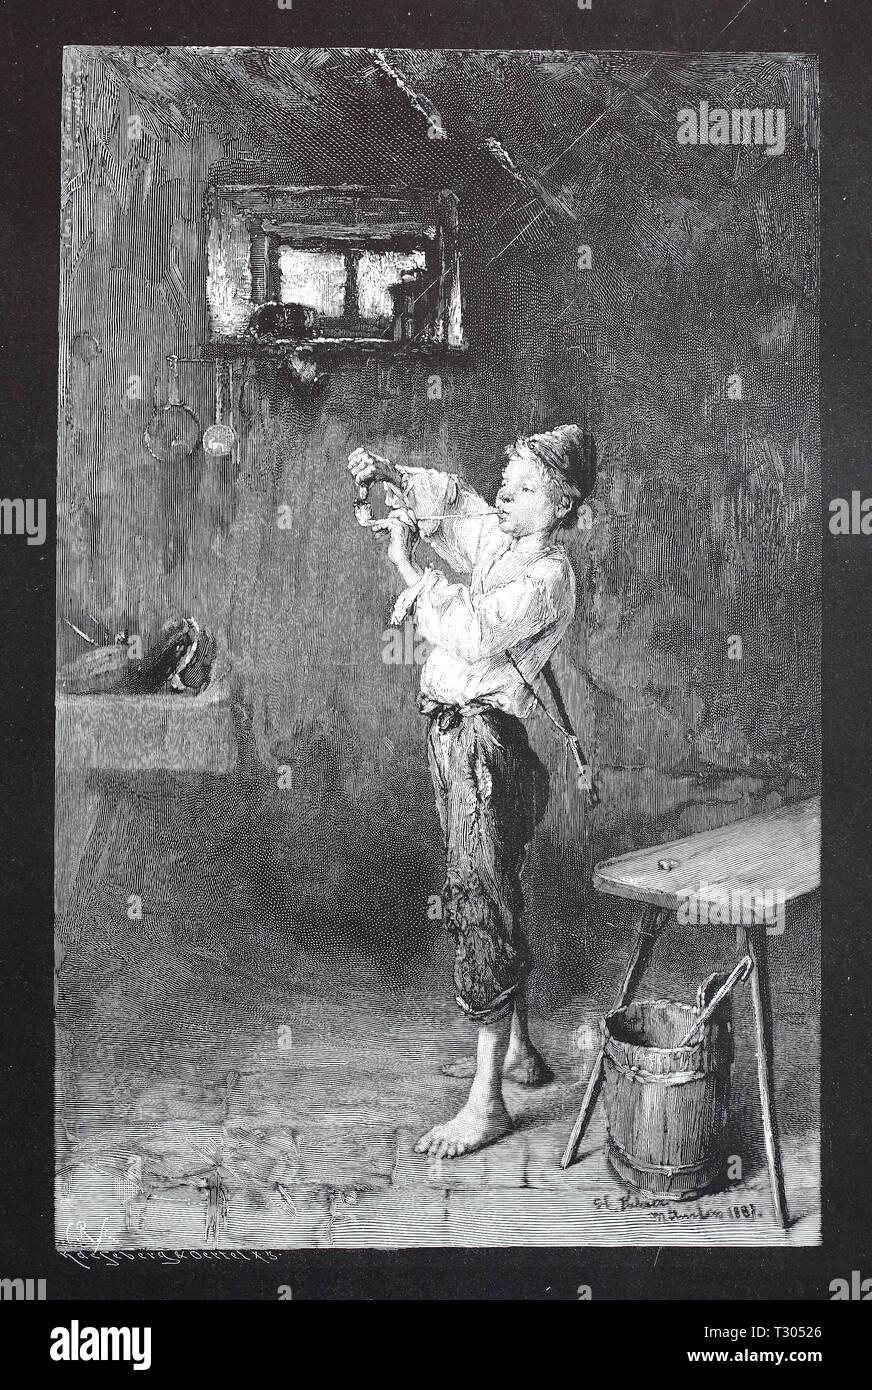 Digital improved reproduction, The apprentice tries to light in vain in the workshop a whistle, Der Lehrjunge versucht vergeblich in der Werkstatt eine Pfeife anzuzünden, from an original print from the 19th century Stock Photo